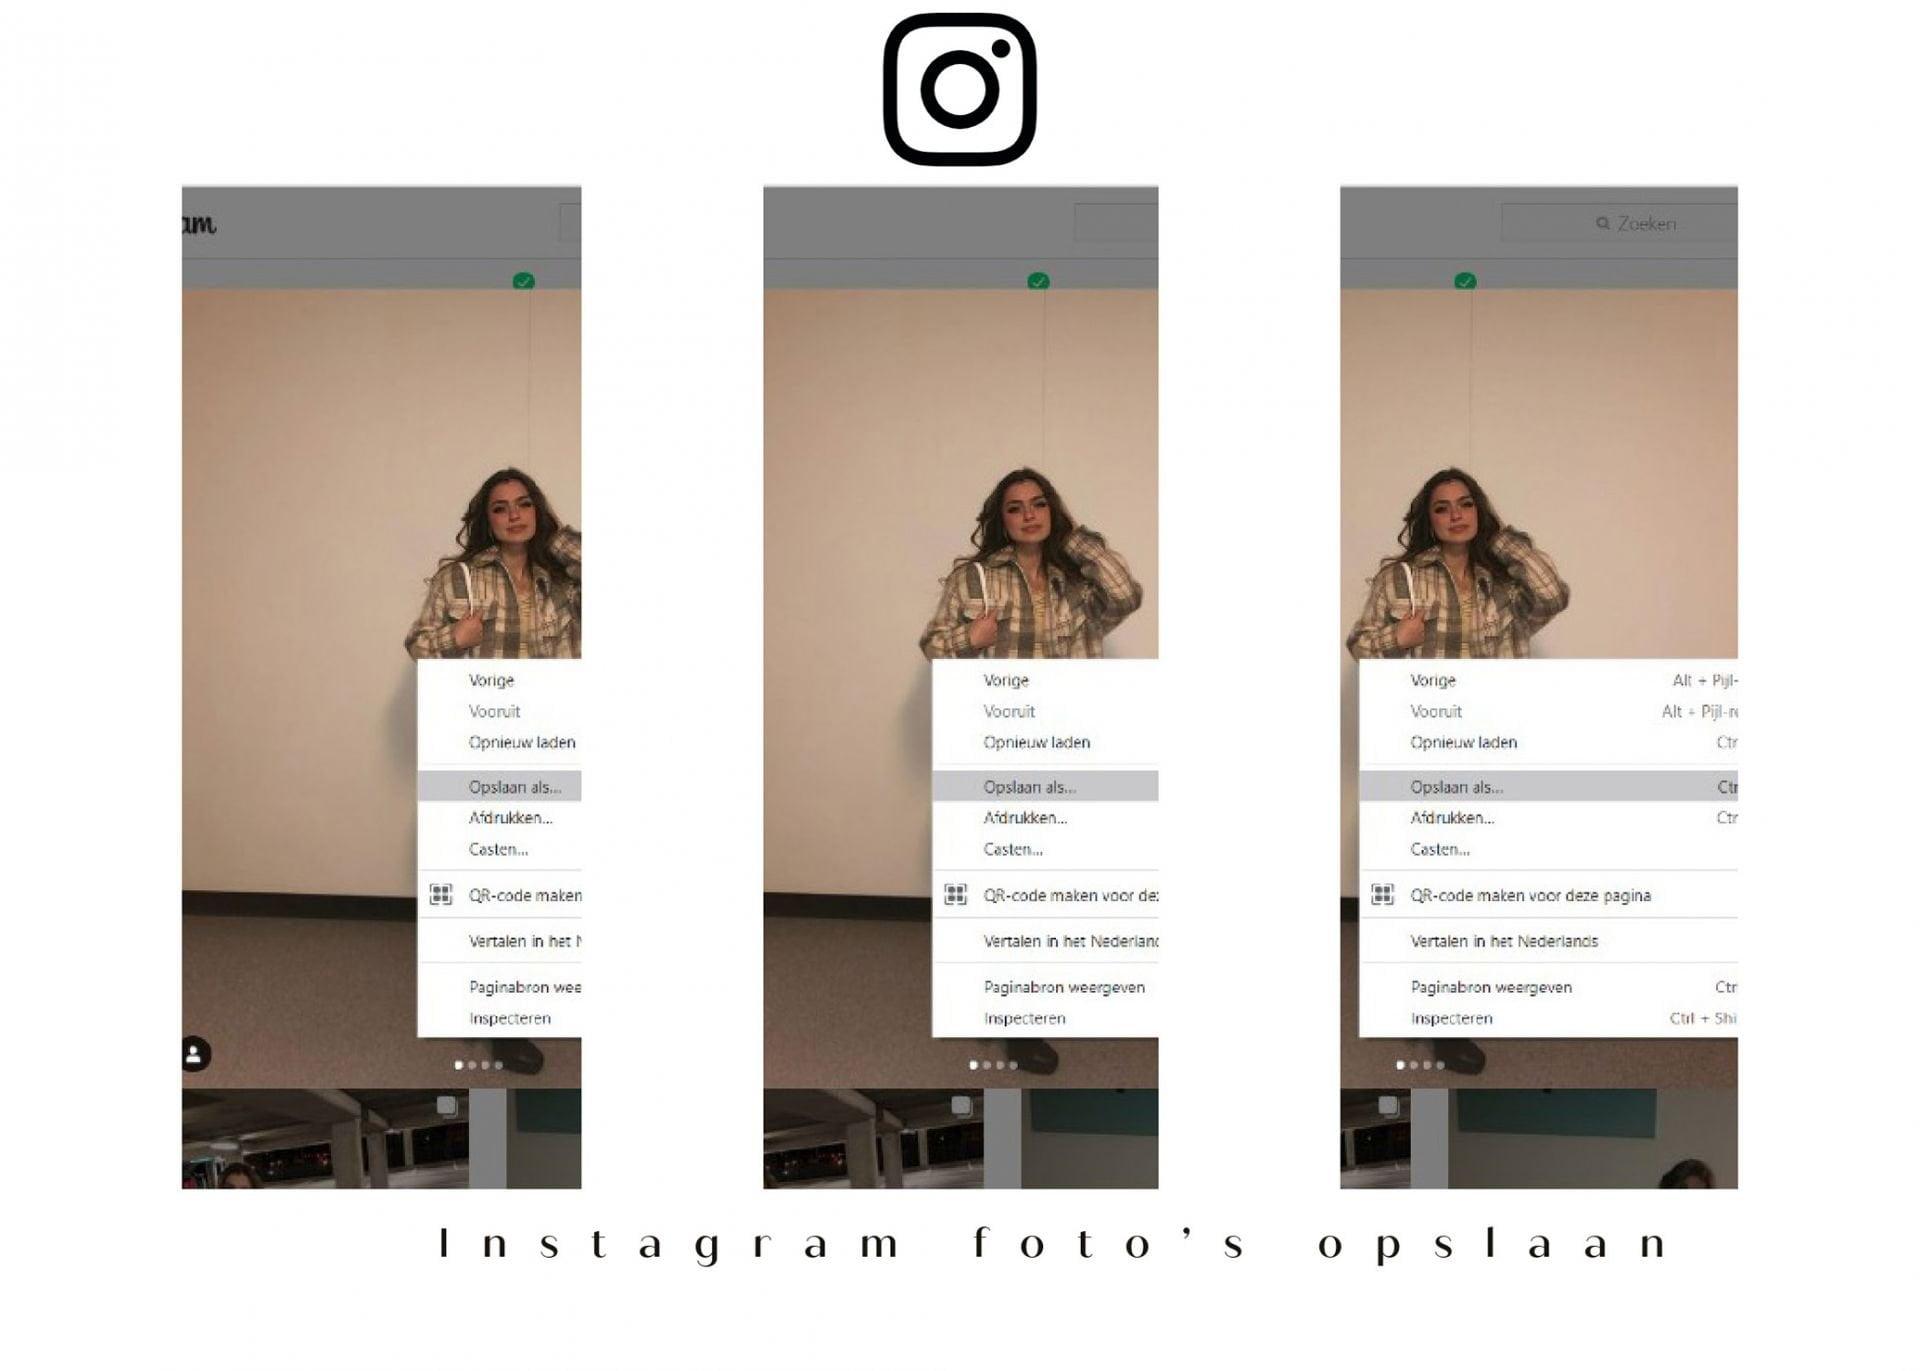 Instagram foto's opslaan - Social Media